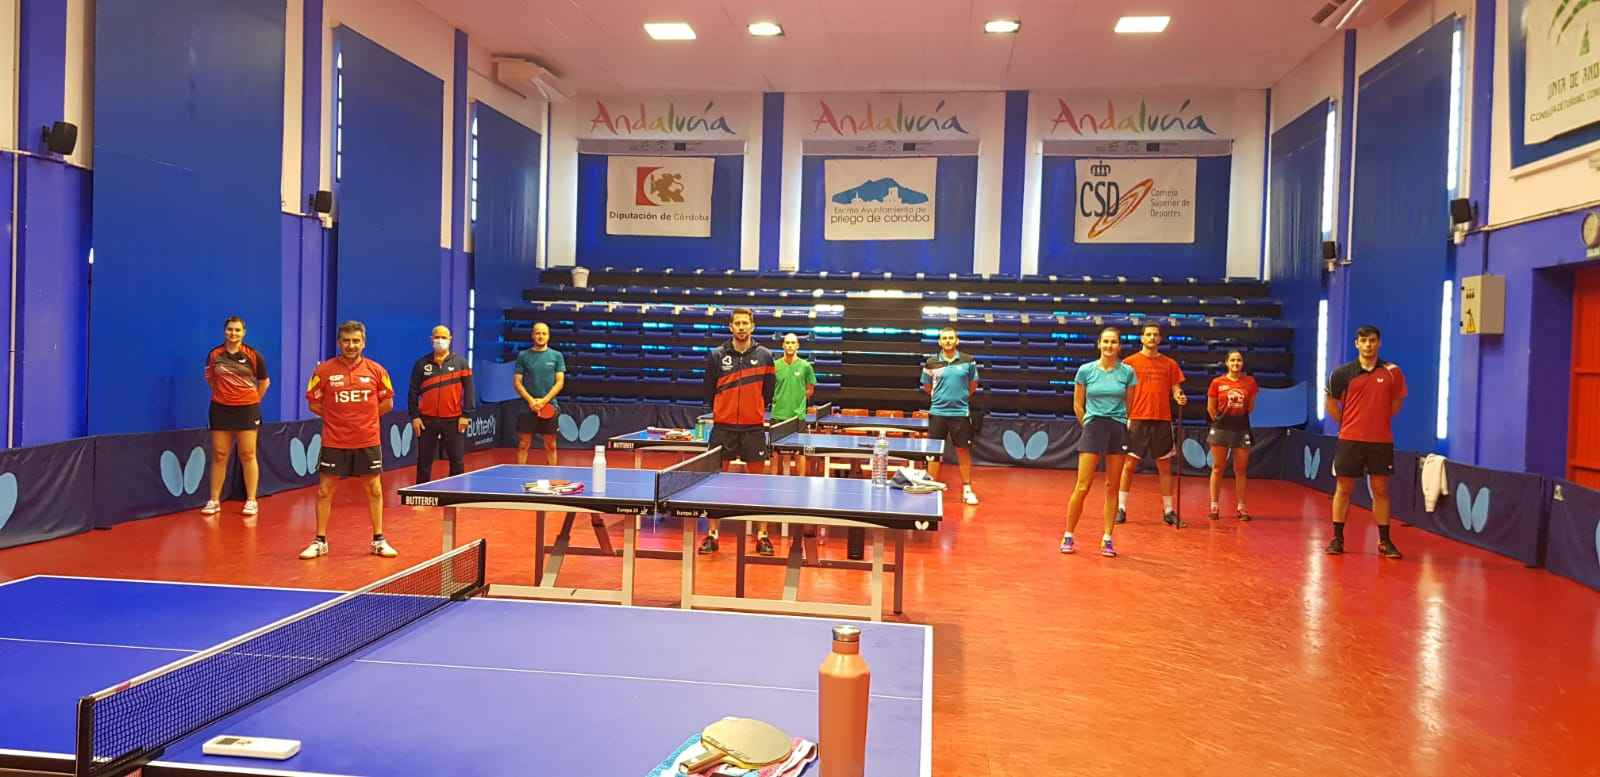 Juan Bautista Pérez con el grupo de entrenamiento en CETD Priego de Córdoba